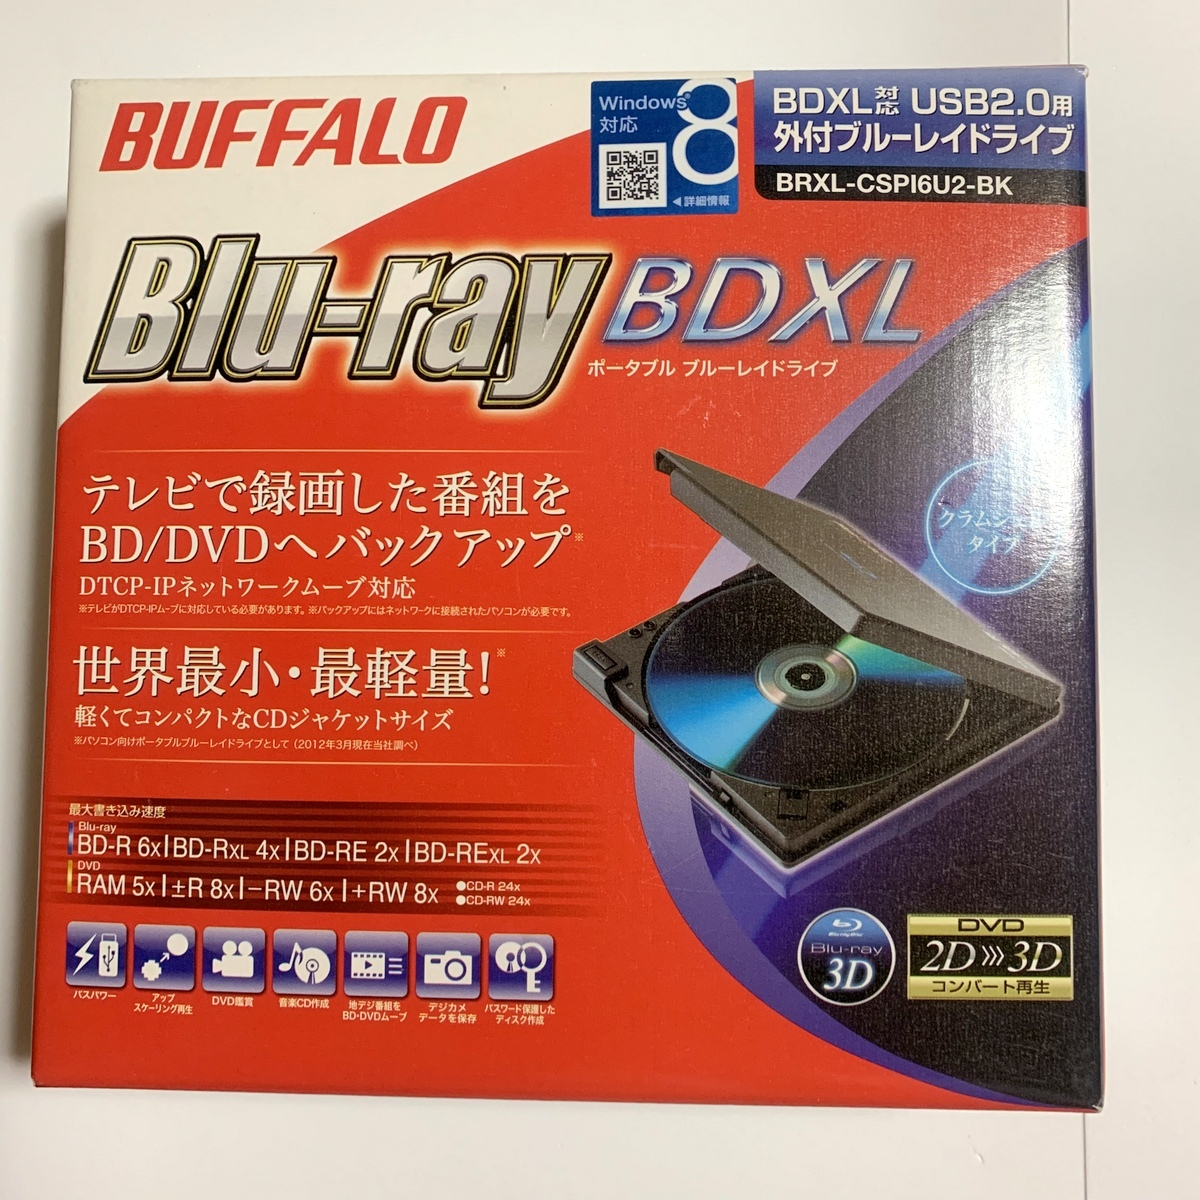 【1週間レンタル商品 返送料込】BUFFALO ポータブル ブルーレイ DVDドライブ DTCP-IPムーブ対応 BRXL-CSPI6U2-BK